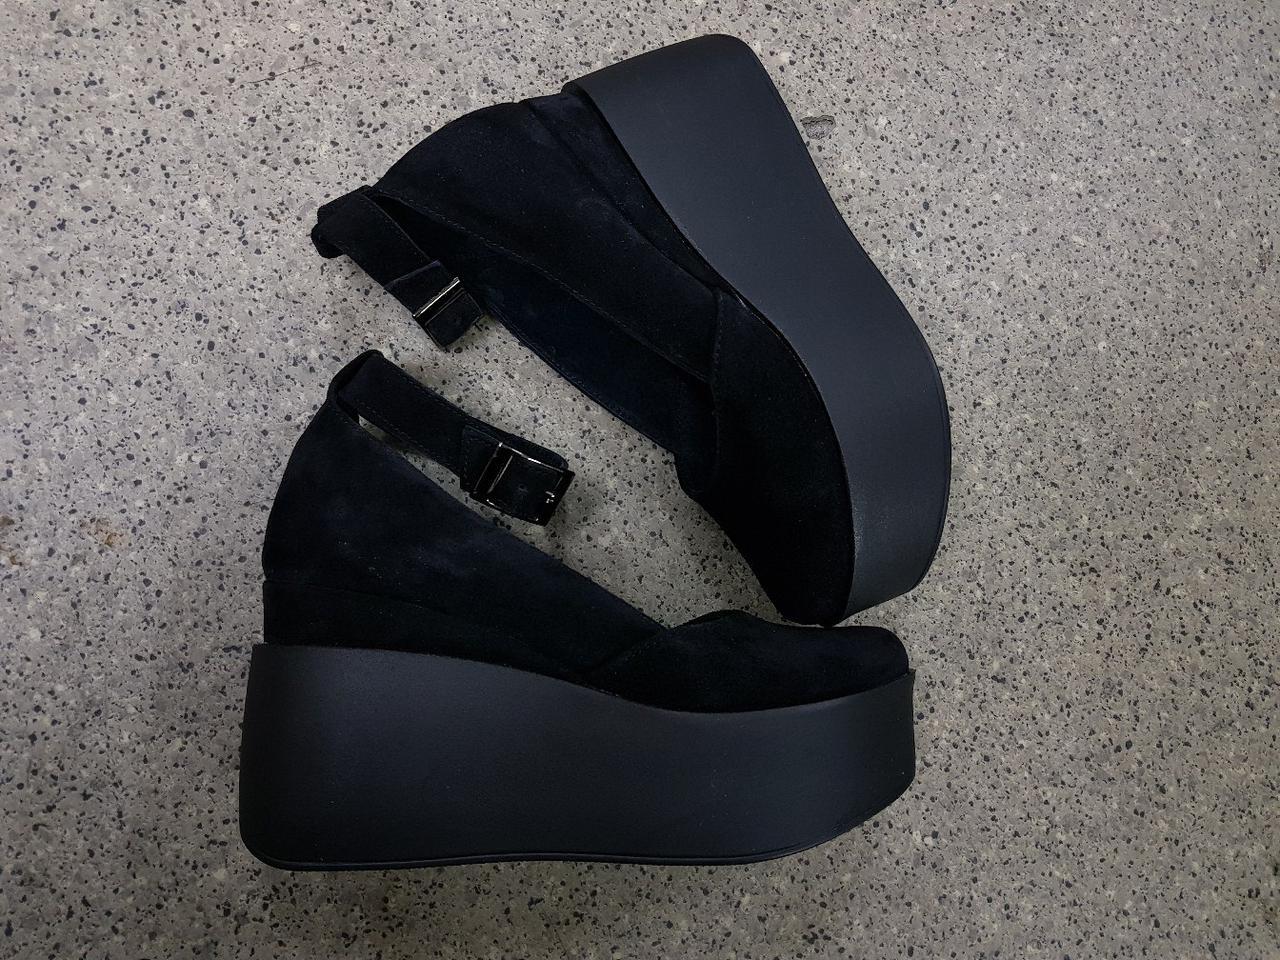 b8088e294 Женские черные туфли на танкетке с ремешком натуральная замша - ГЛЯНЕЦ |  Интернет-магазин КОЖАНОЙ